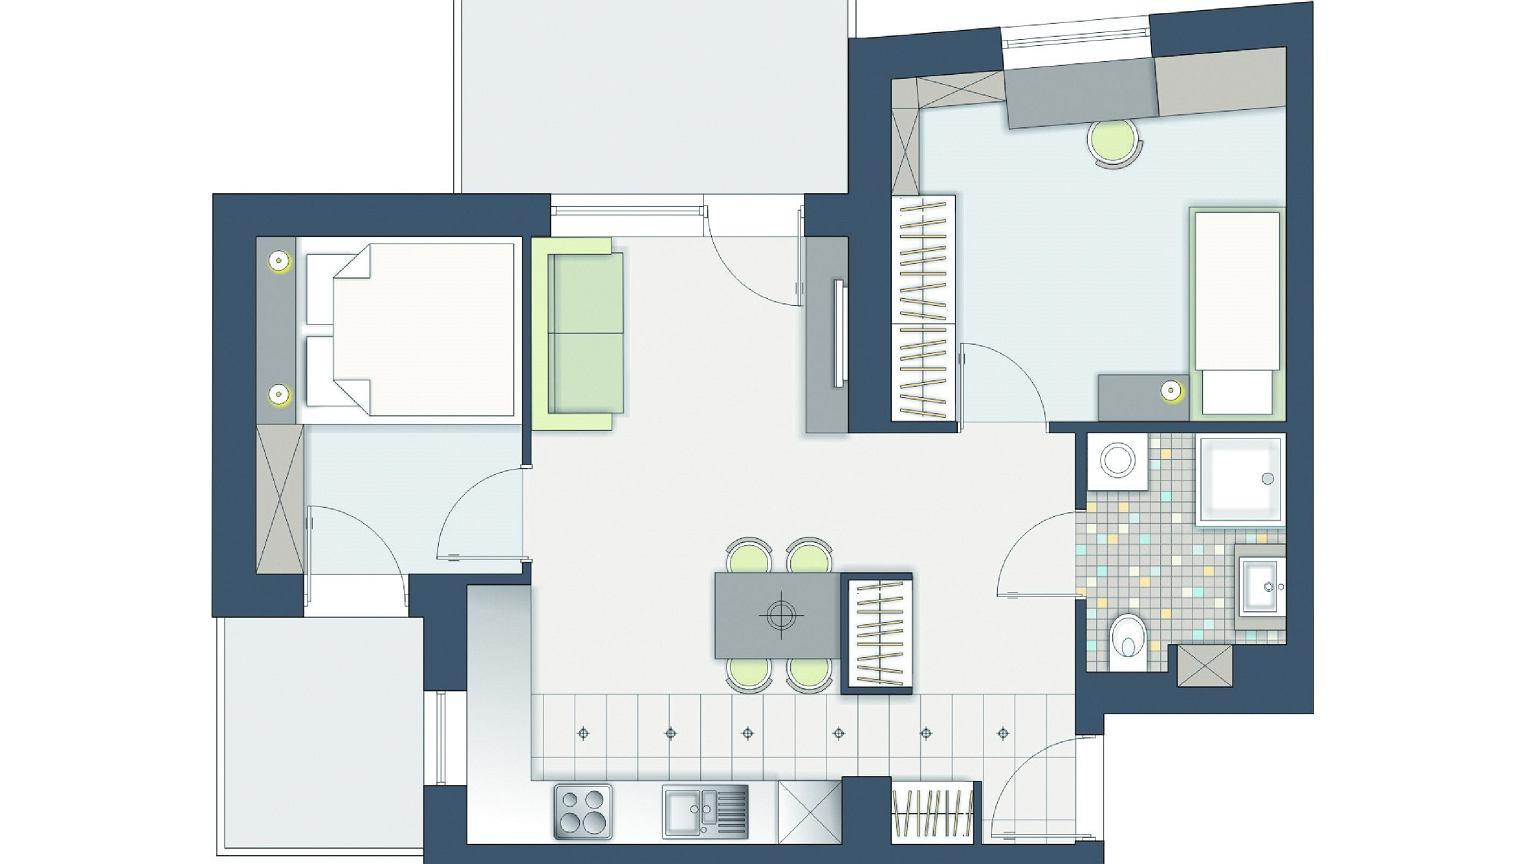 52 m kw jak wydzieli dodatkowy pok j w dwupokojowym mieszkaniu. Black Bedroom Furniture Sets. Home Design Ideas